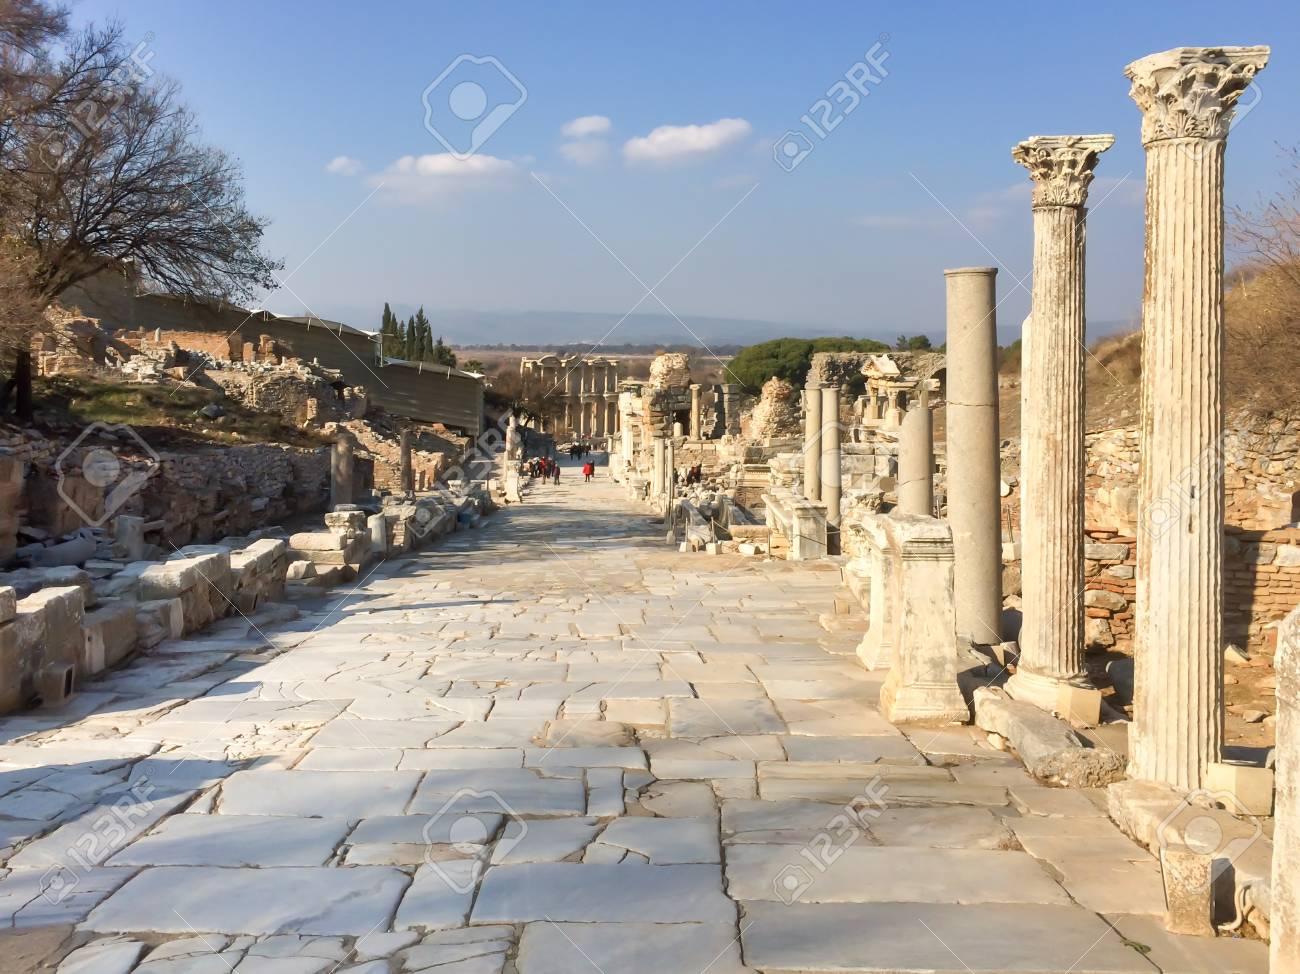 エフェソス 遺跡